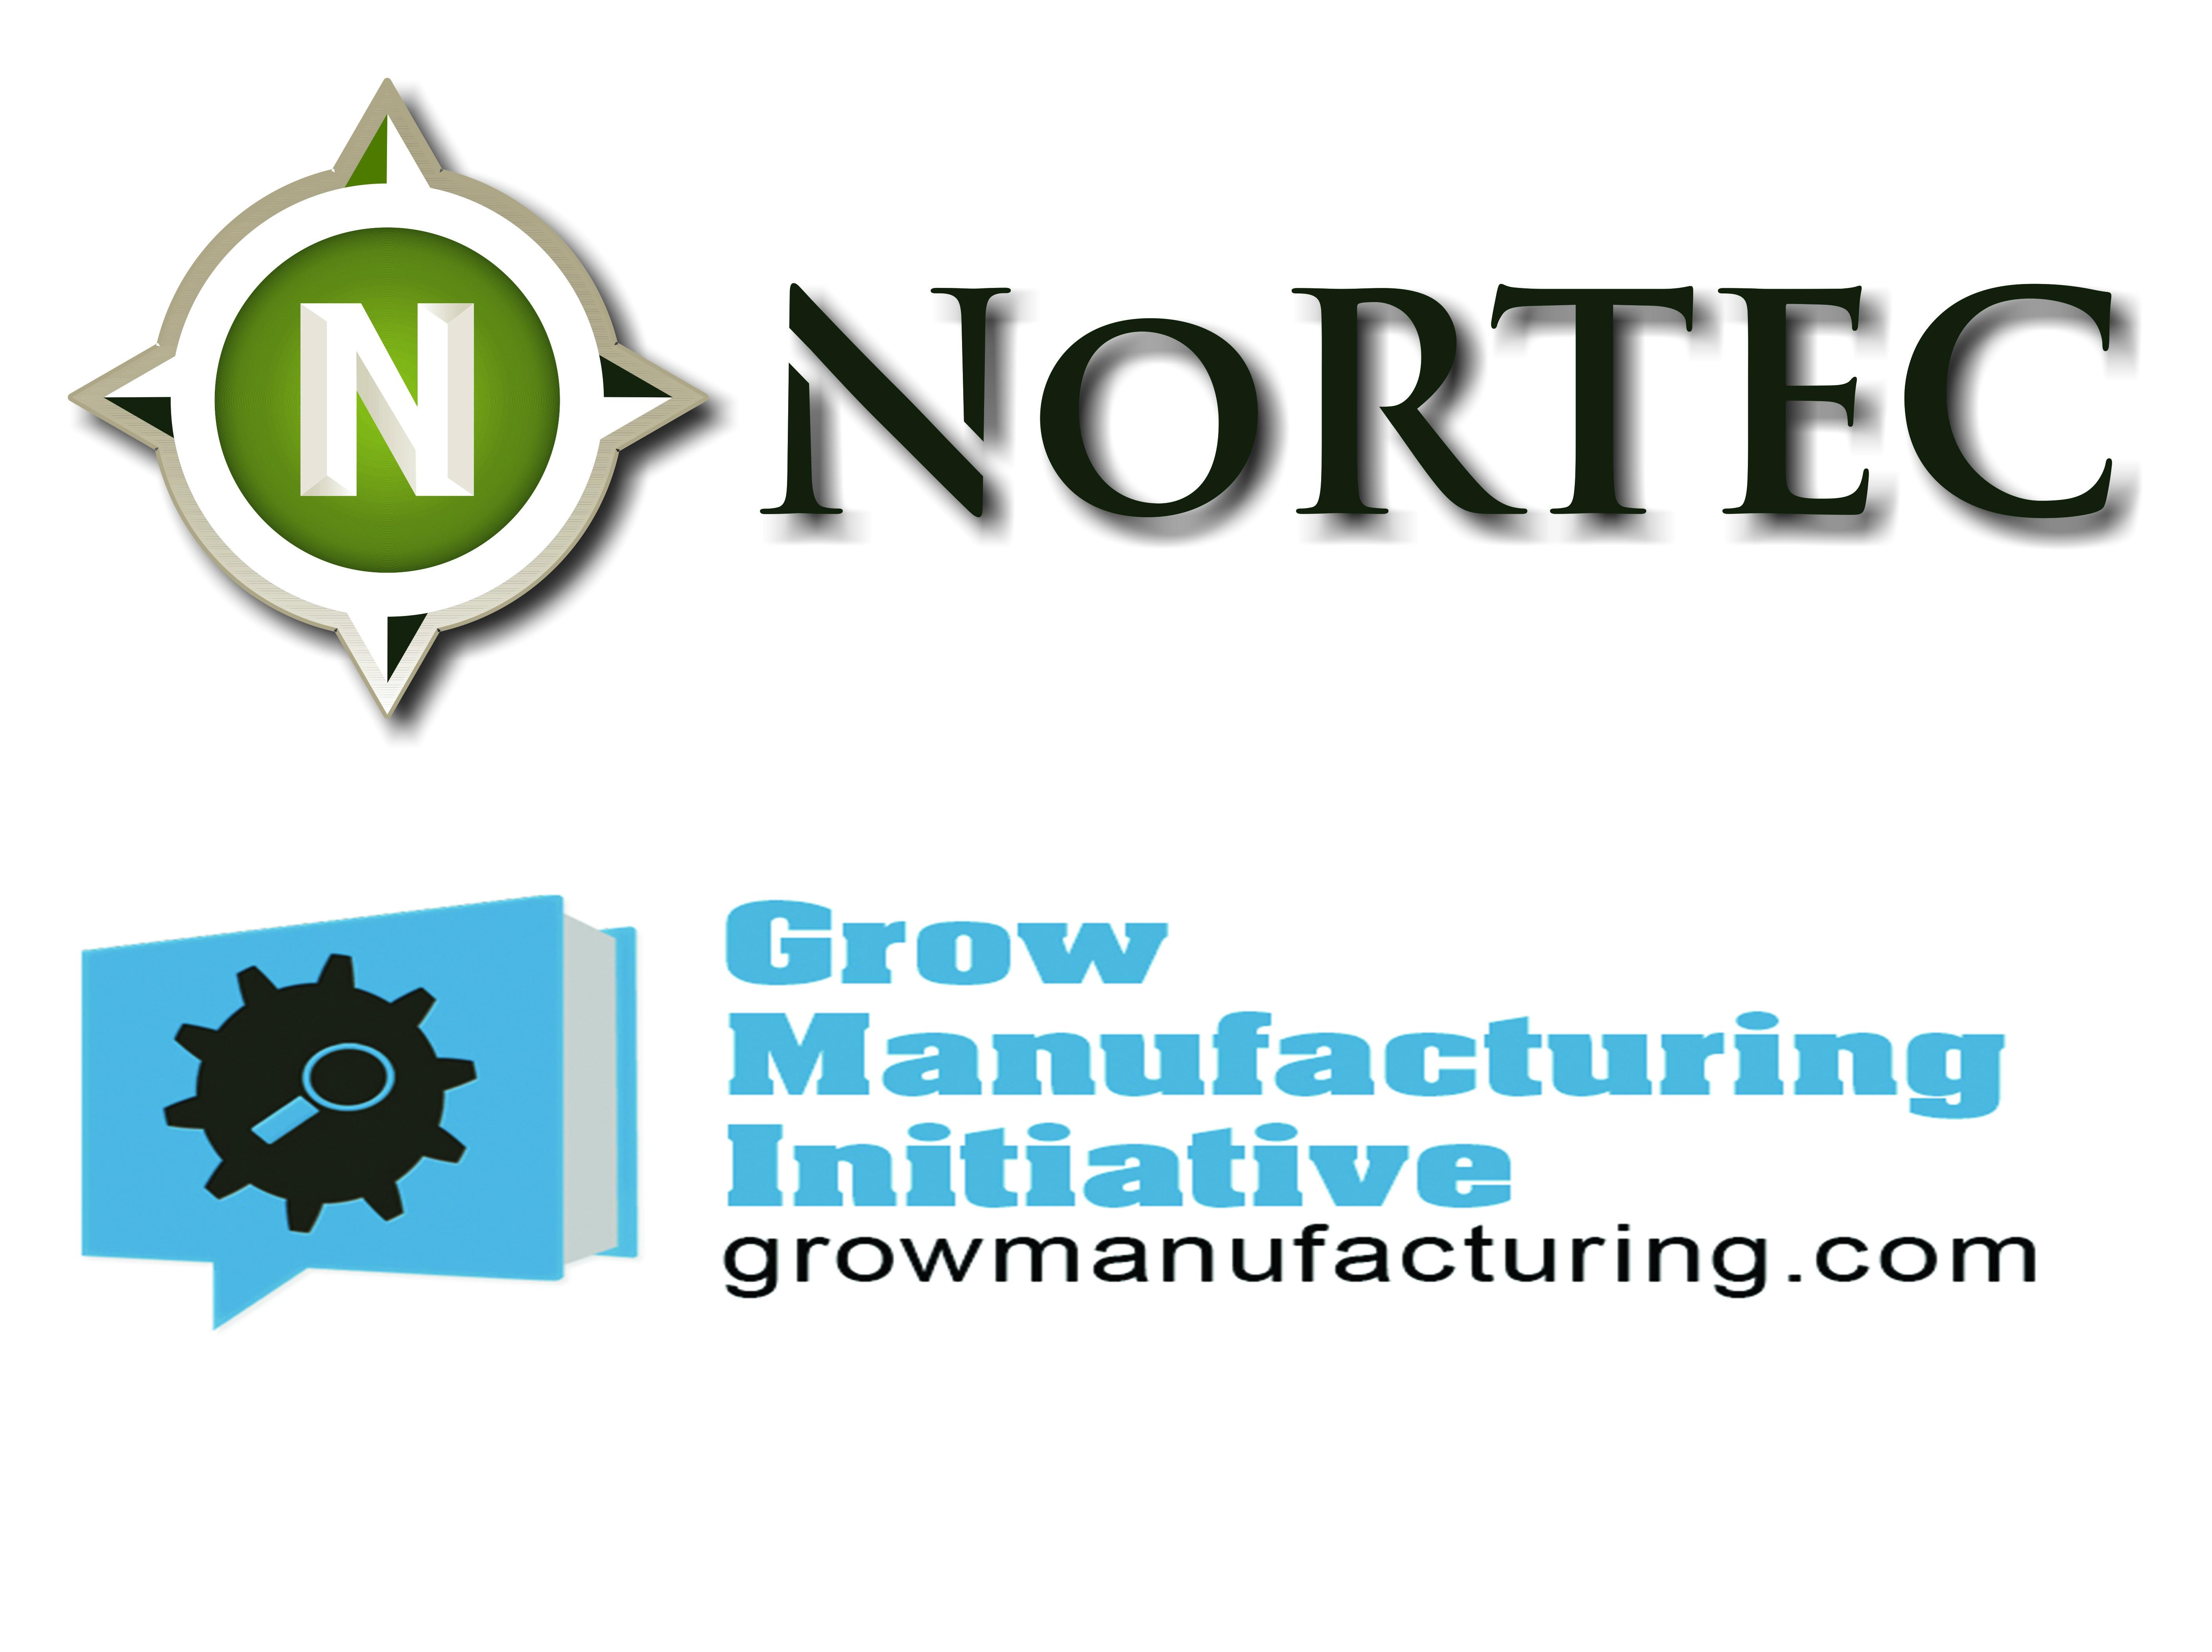 nortec-new.jpg